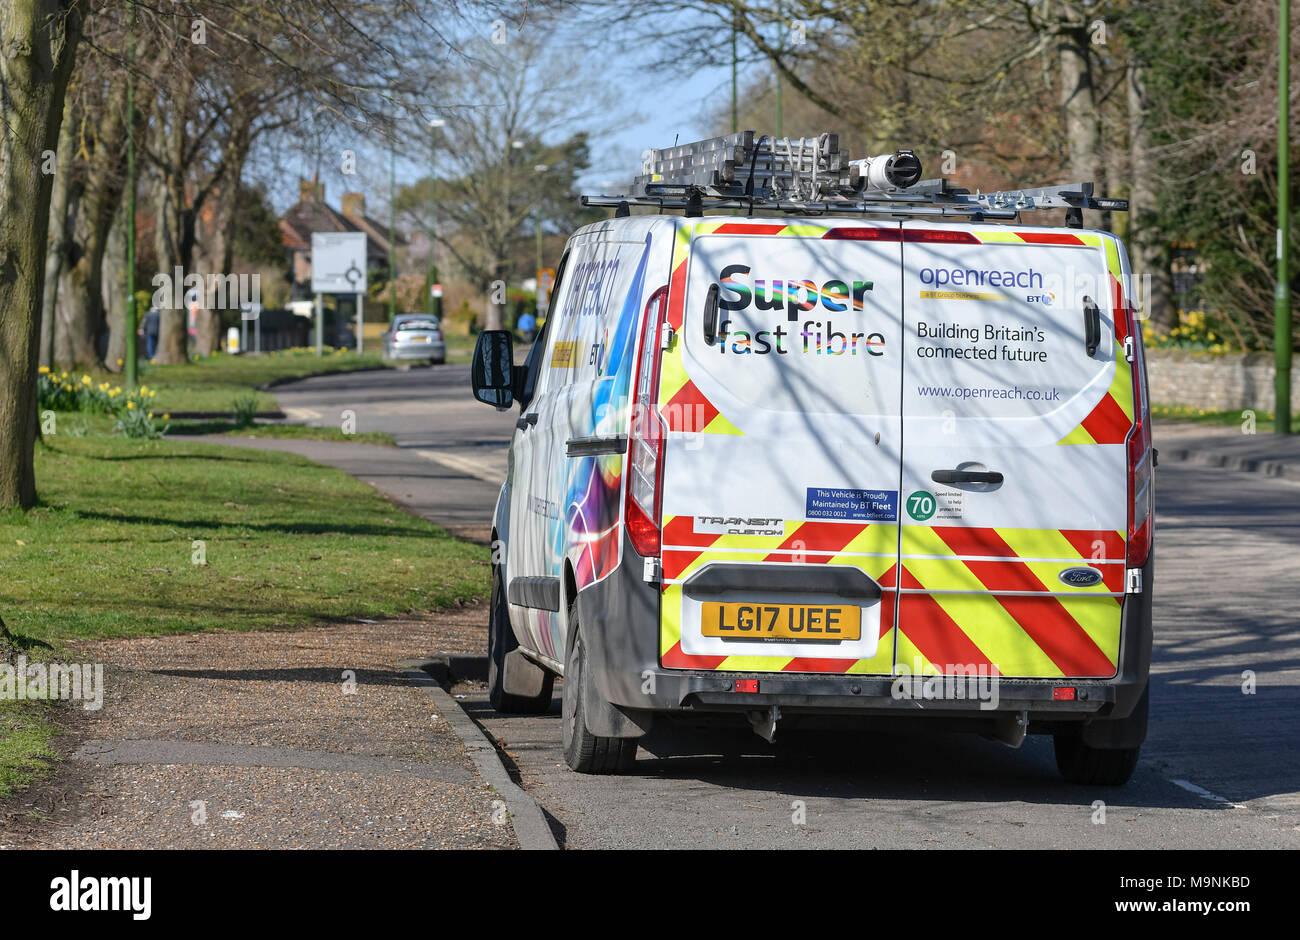 Openreach Van garé au bord de la route pendant que les ingénieurs installer Internet haut débit fibre optique (FTTC) à un immeuble d'accueil en Angleterre, Royaume-Uni. Banque D'Images